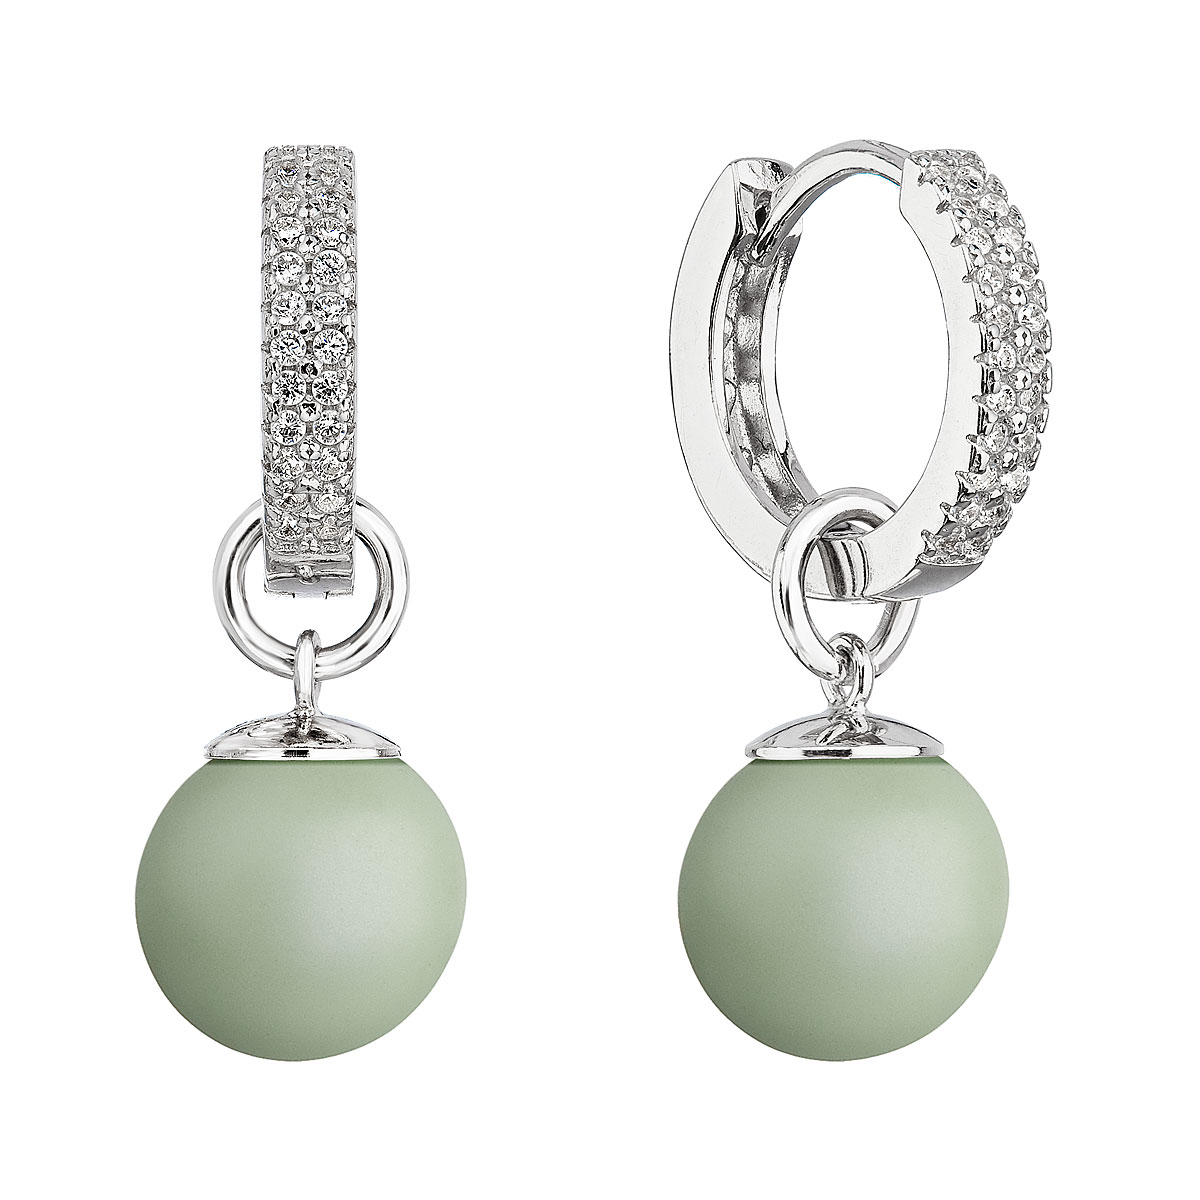 Evolution Group Stříbrné visací náušnice kroužky s pastelově zelenou perlou 31298.3, dárkové balení